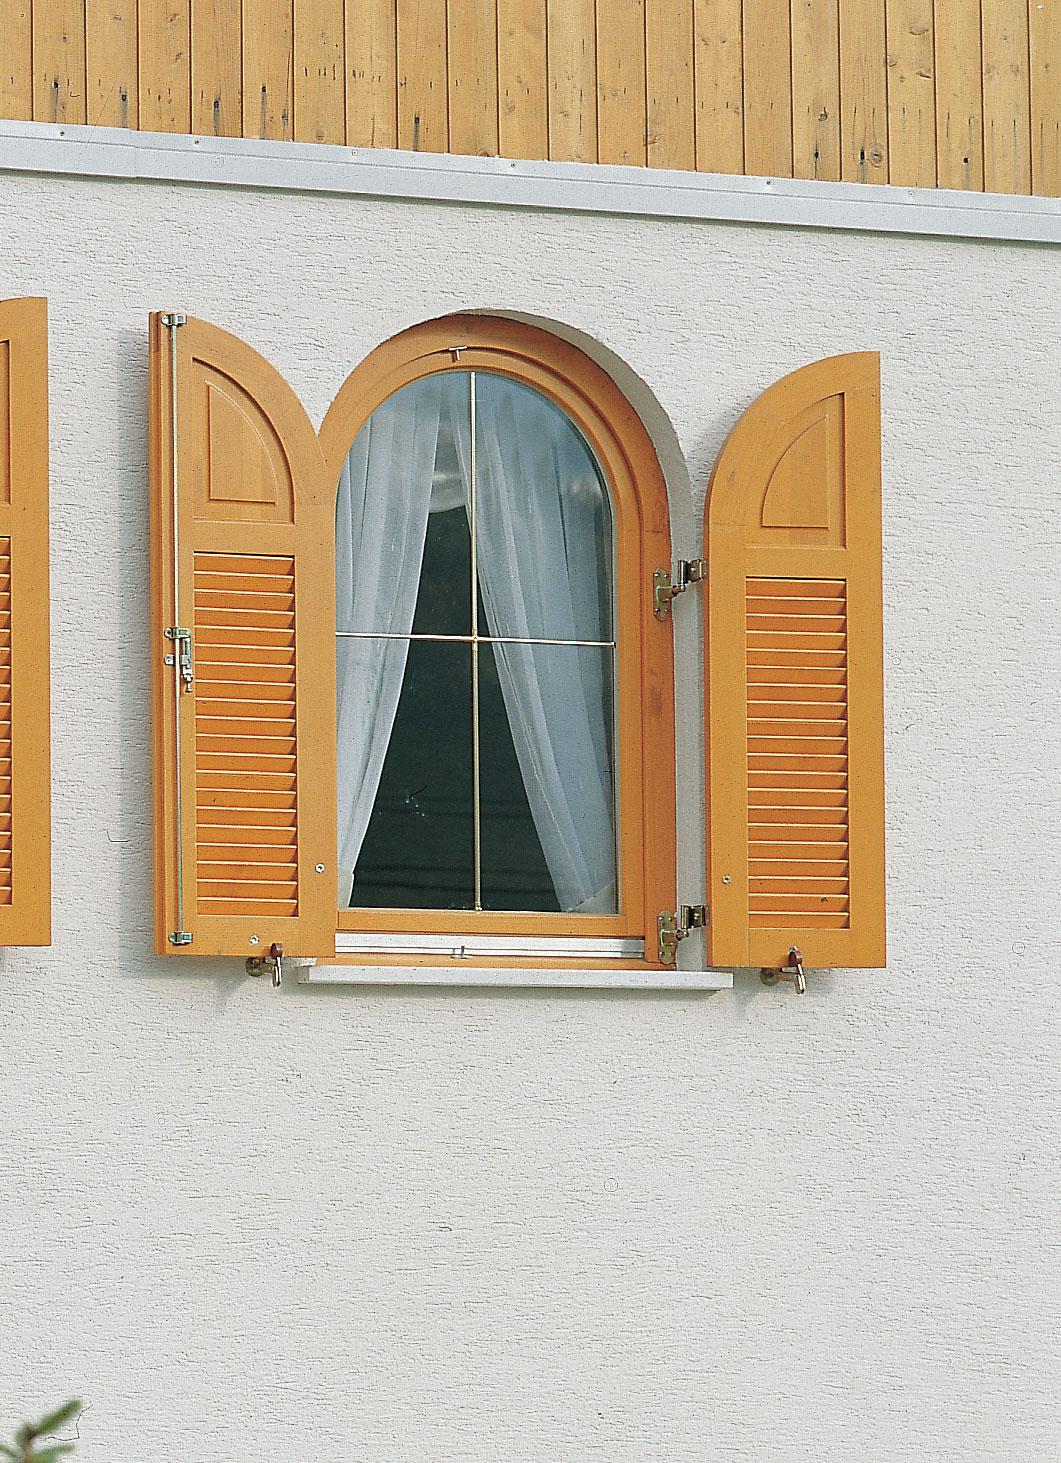 בניית תריס עץ - קונטור חלונות ודלתות מעוצבים